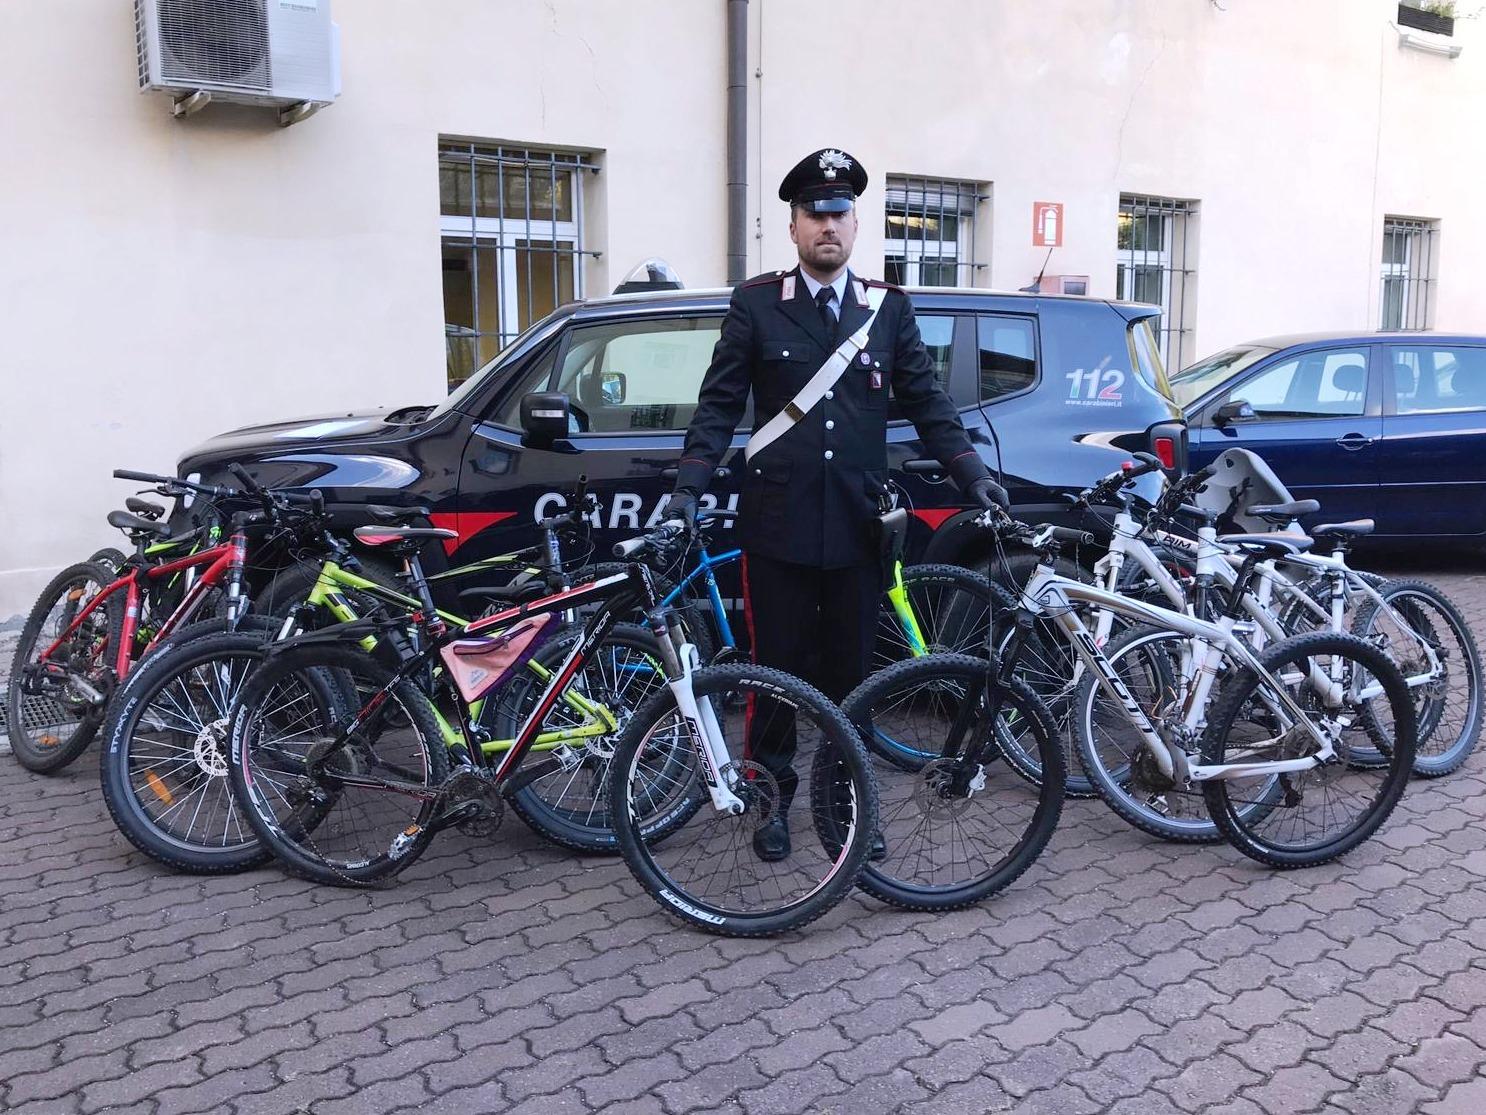 Bressanone Deposito Di Bici Rubate In Garage Denunciato Ricettatore La Voce Di Bolzano